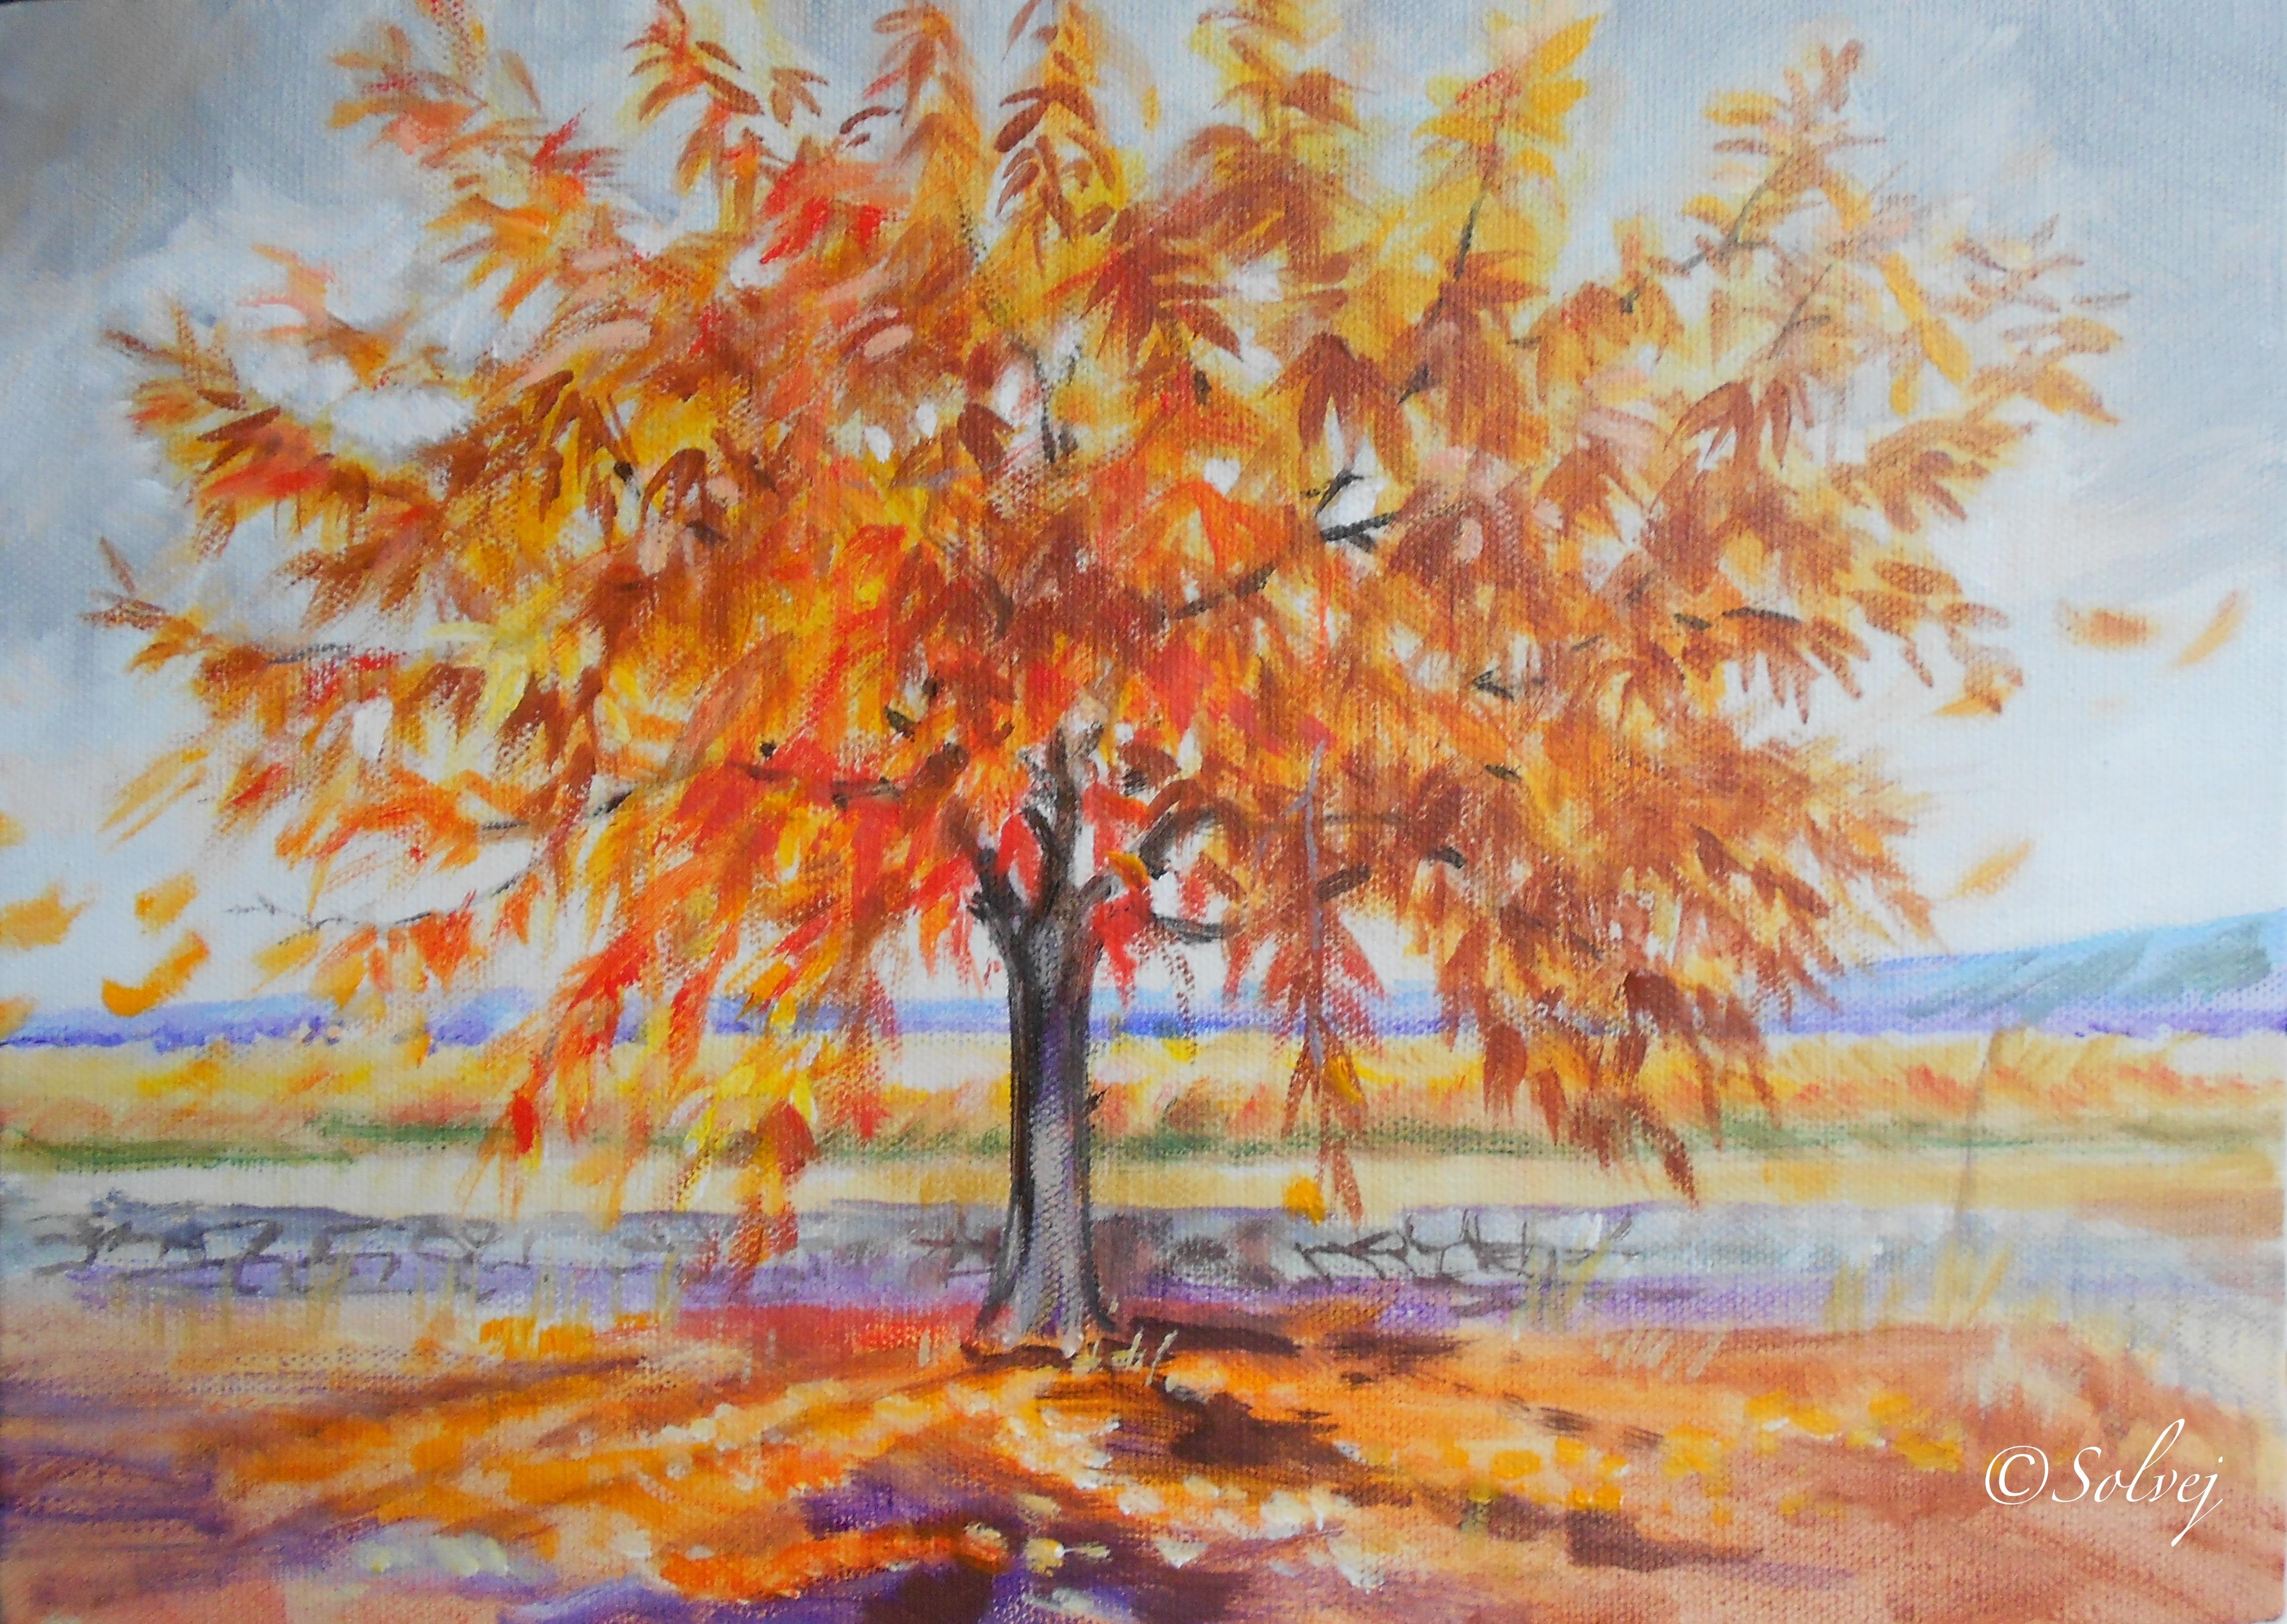 Le cerisier 4, automne   588